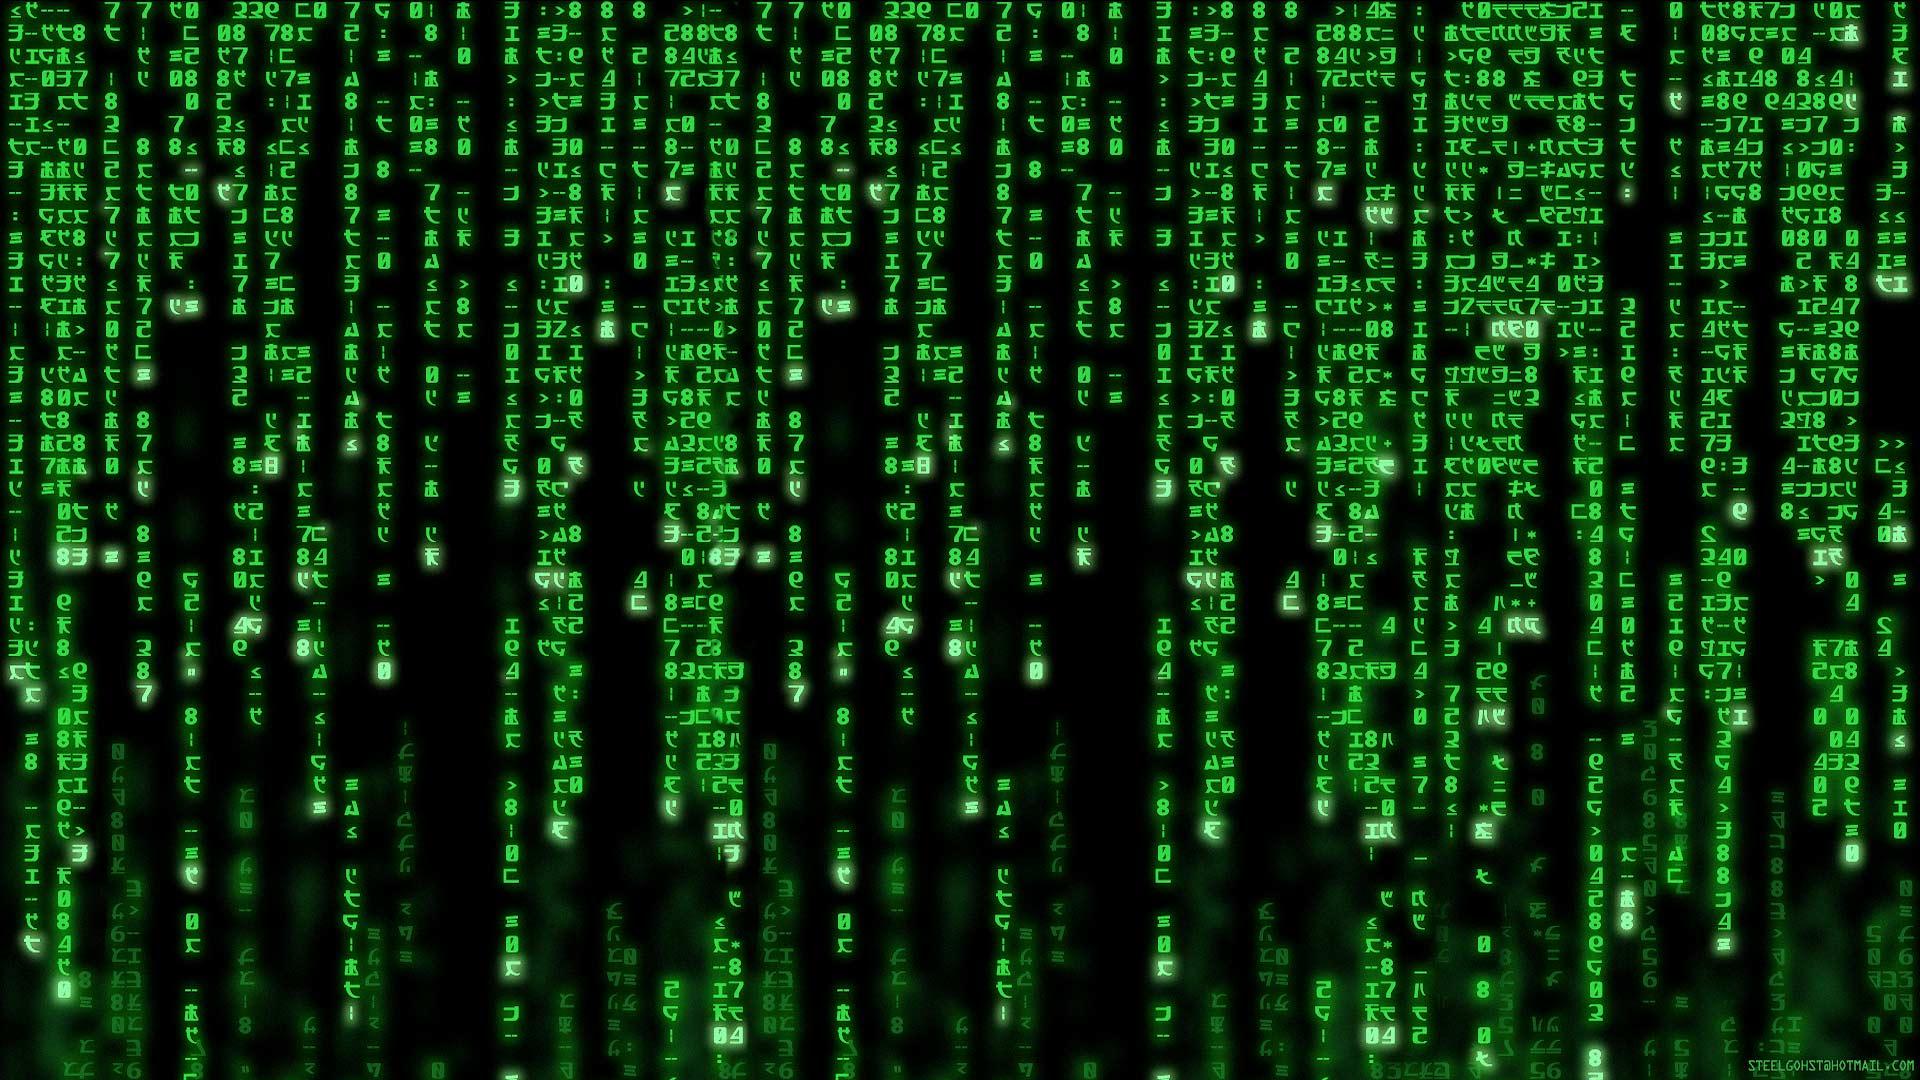 wallpaper matrix programming 1920x1080 1920x1080